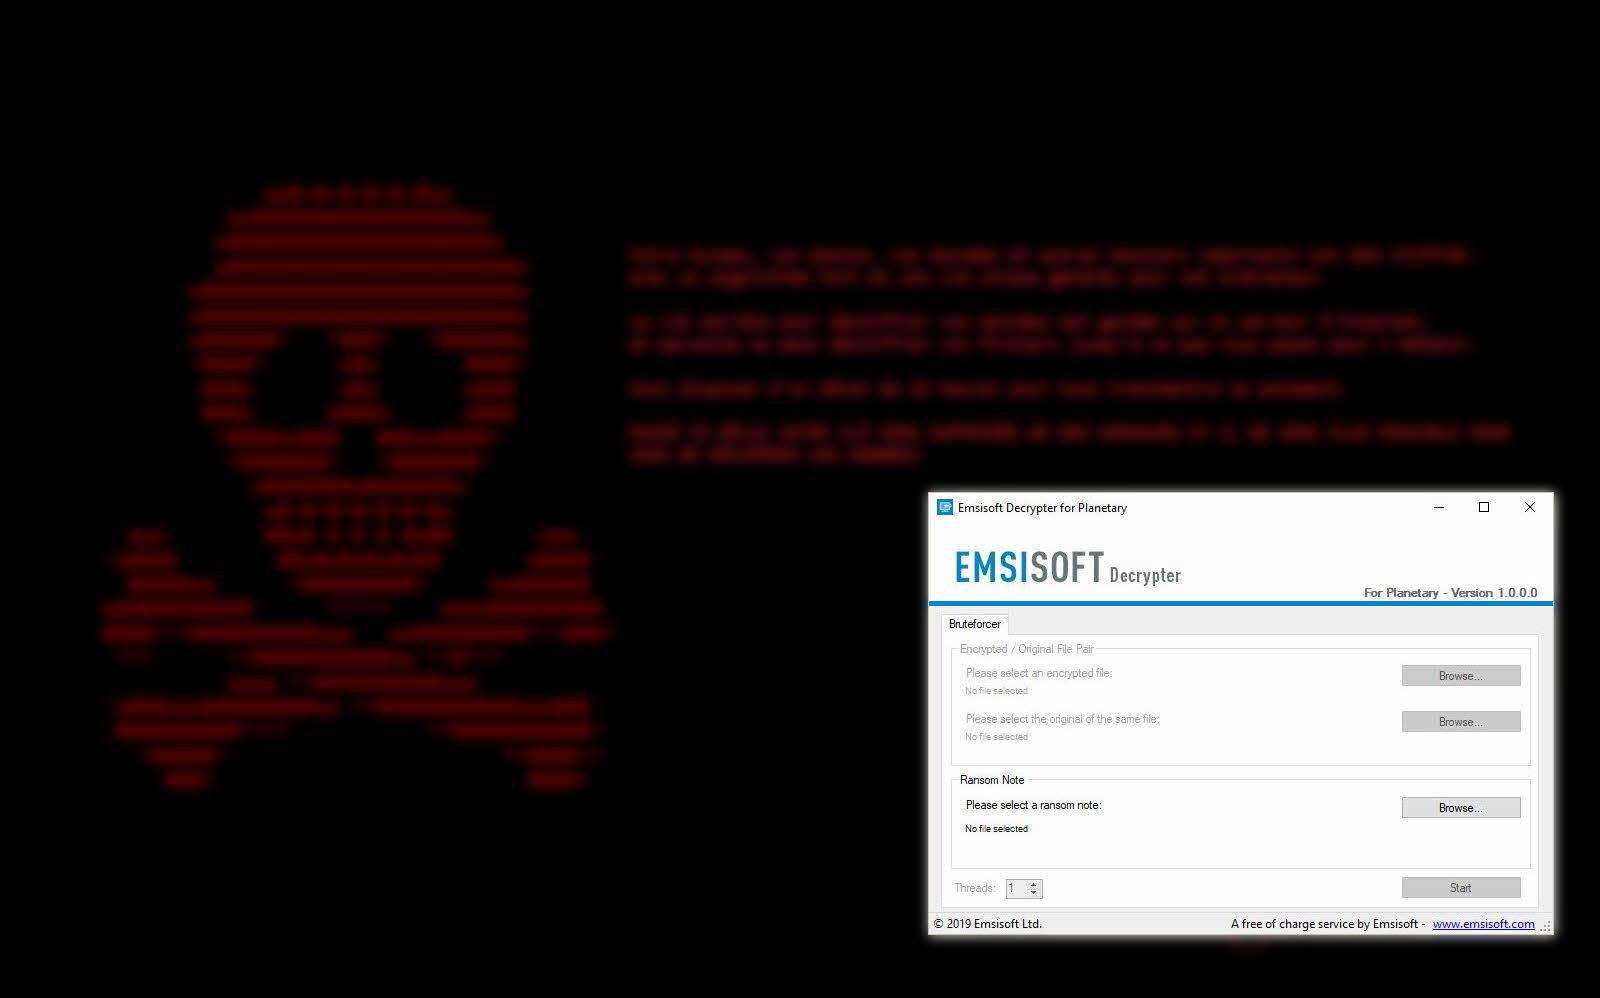 Las víctimas del ransomware Planetary ya pueden descifrar sus